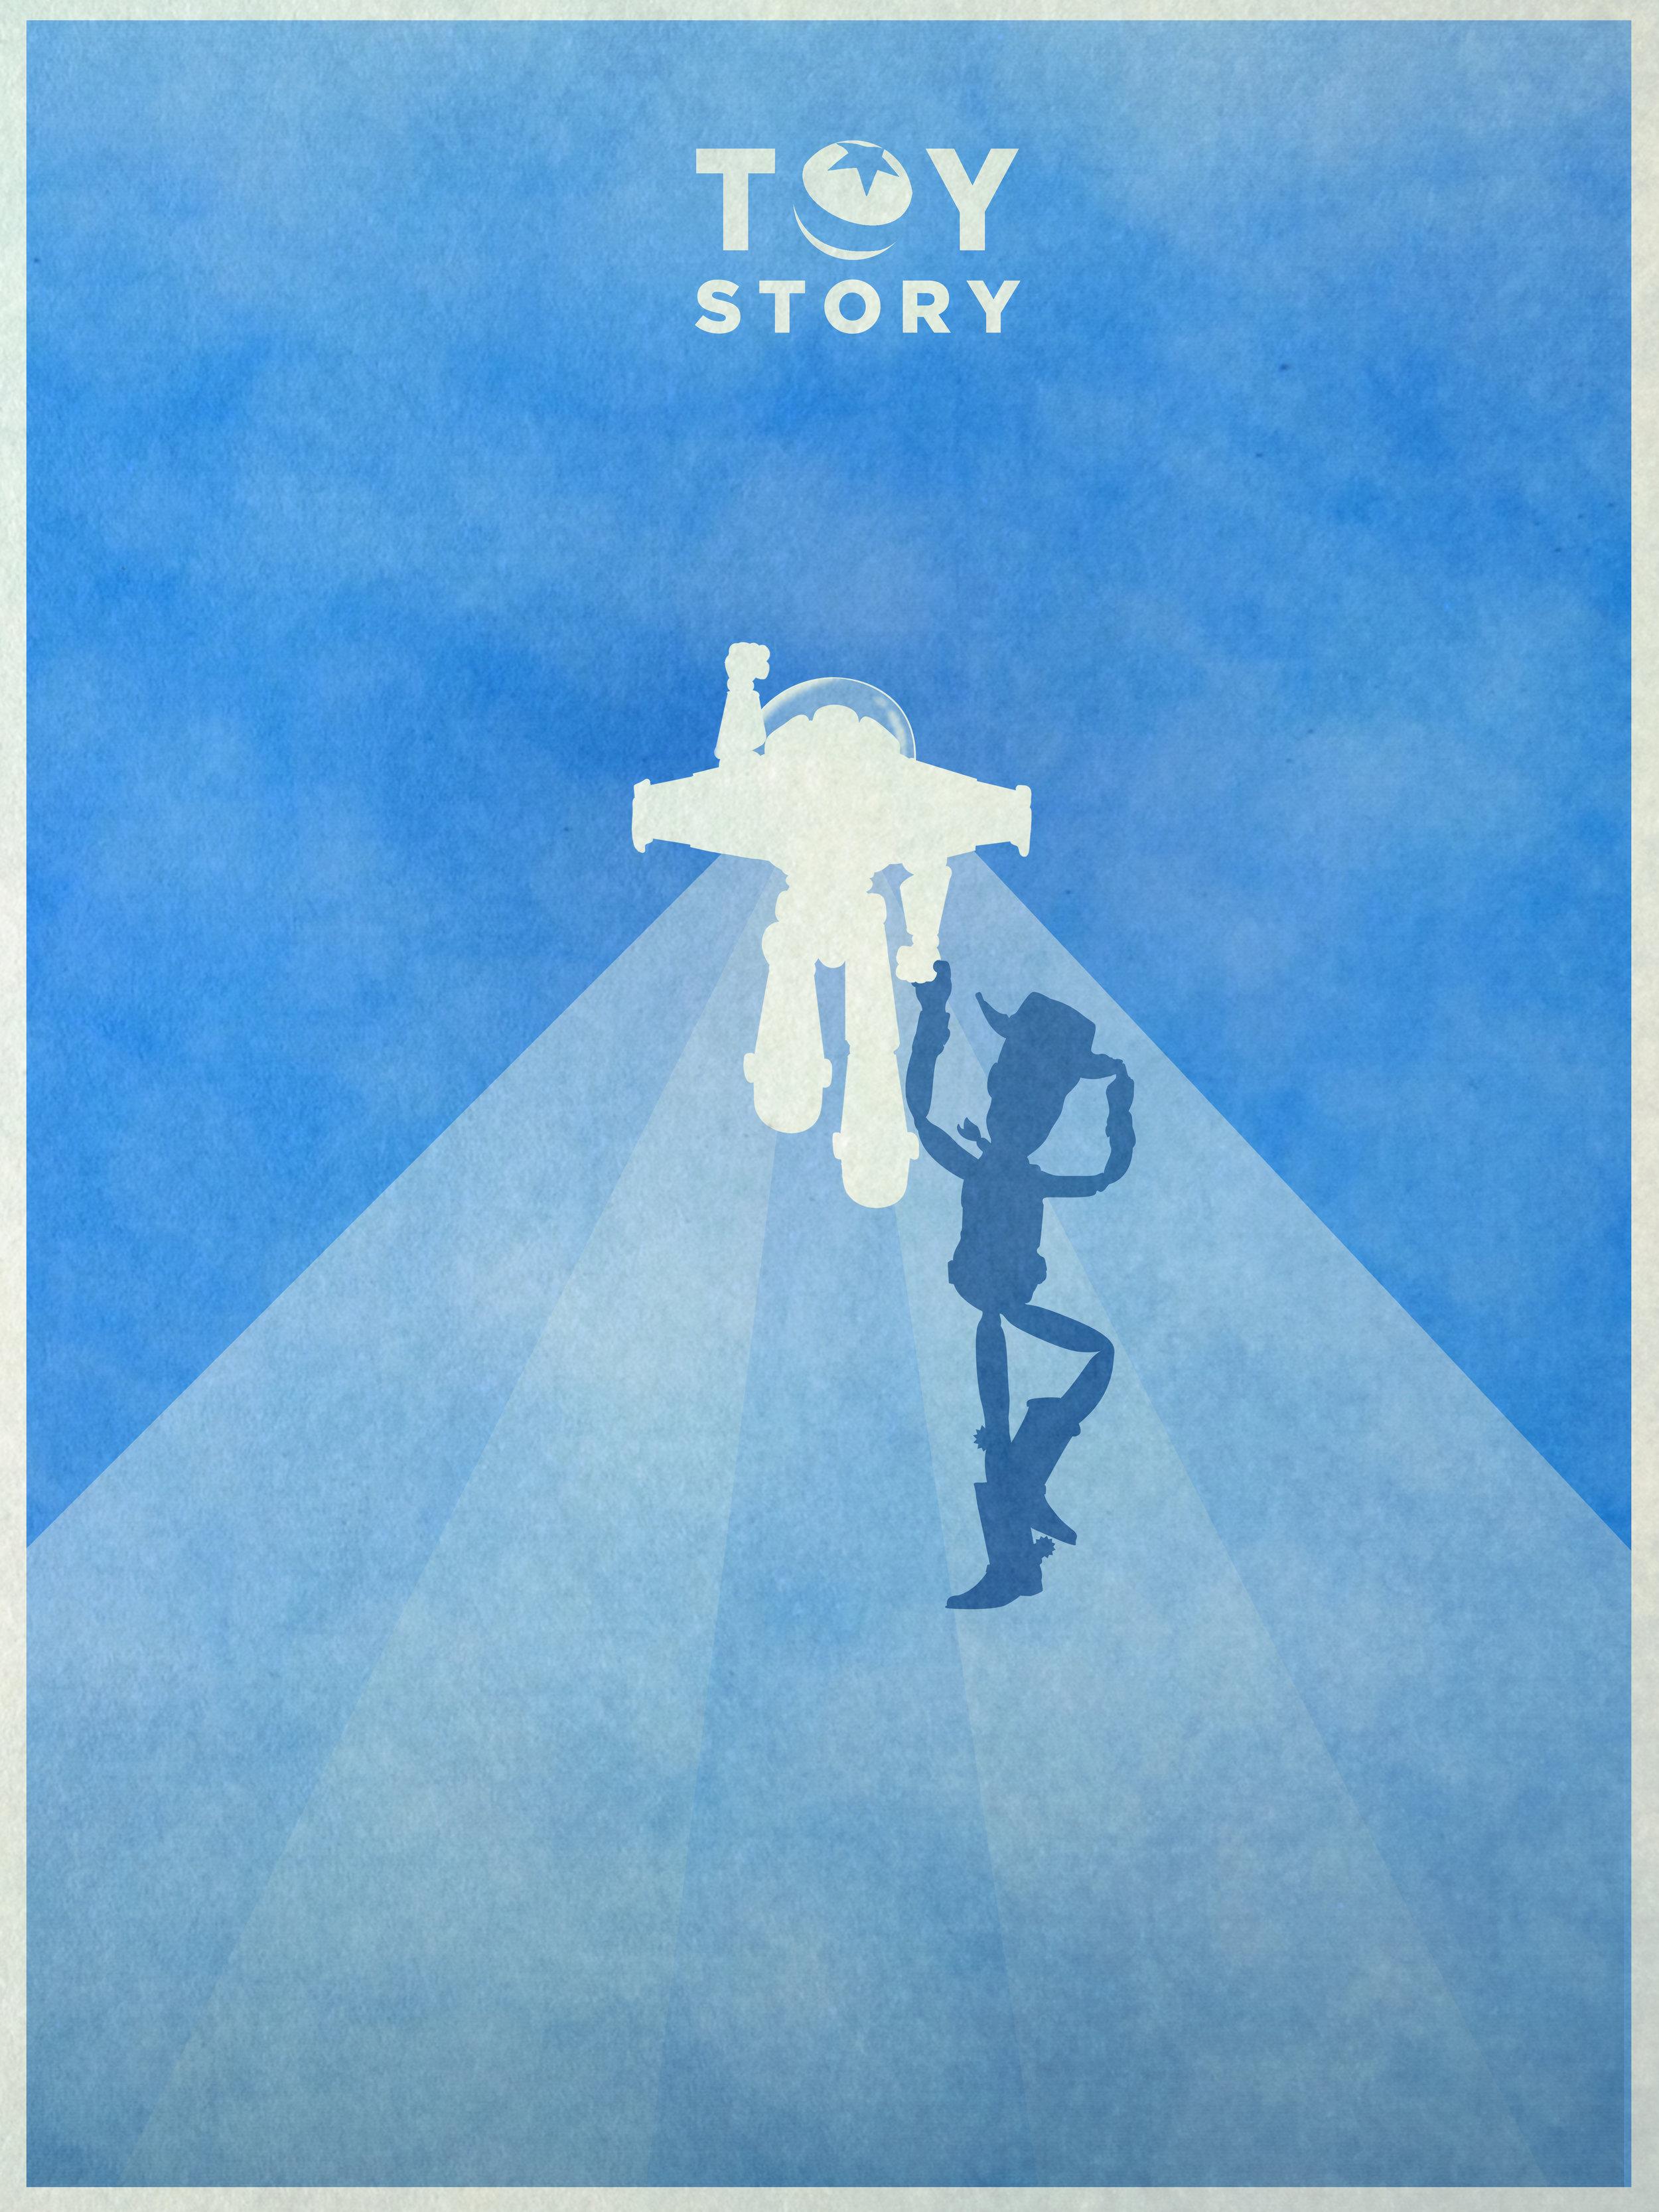 Toy-Story-1.jpg